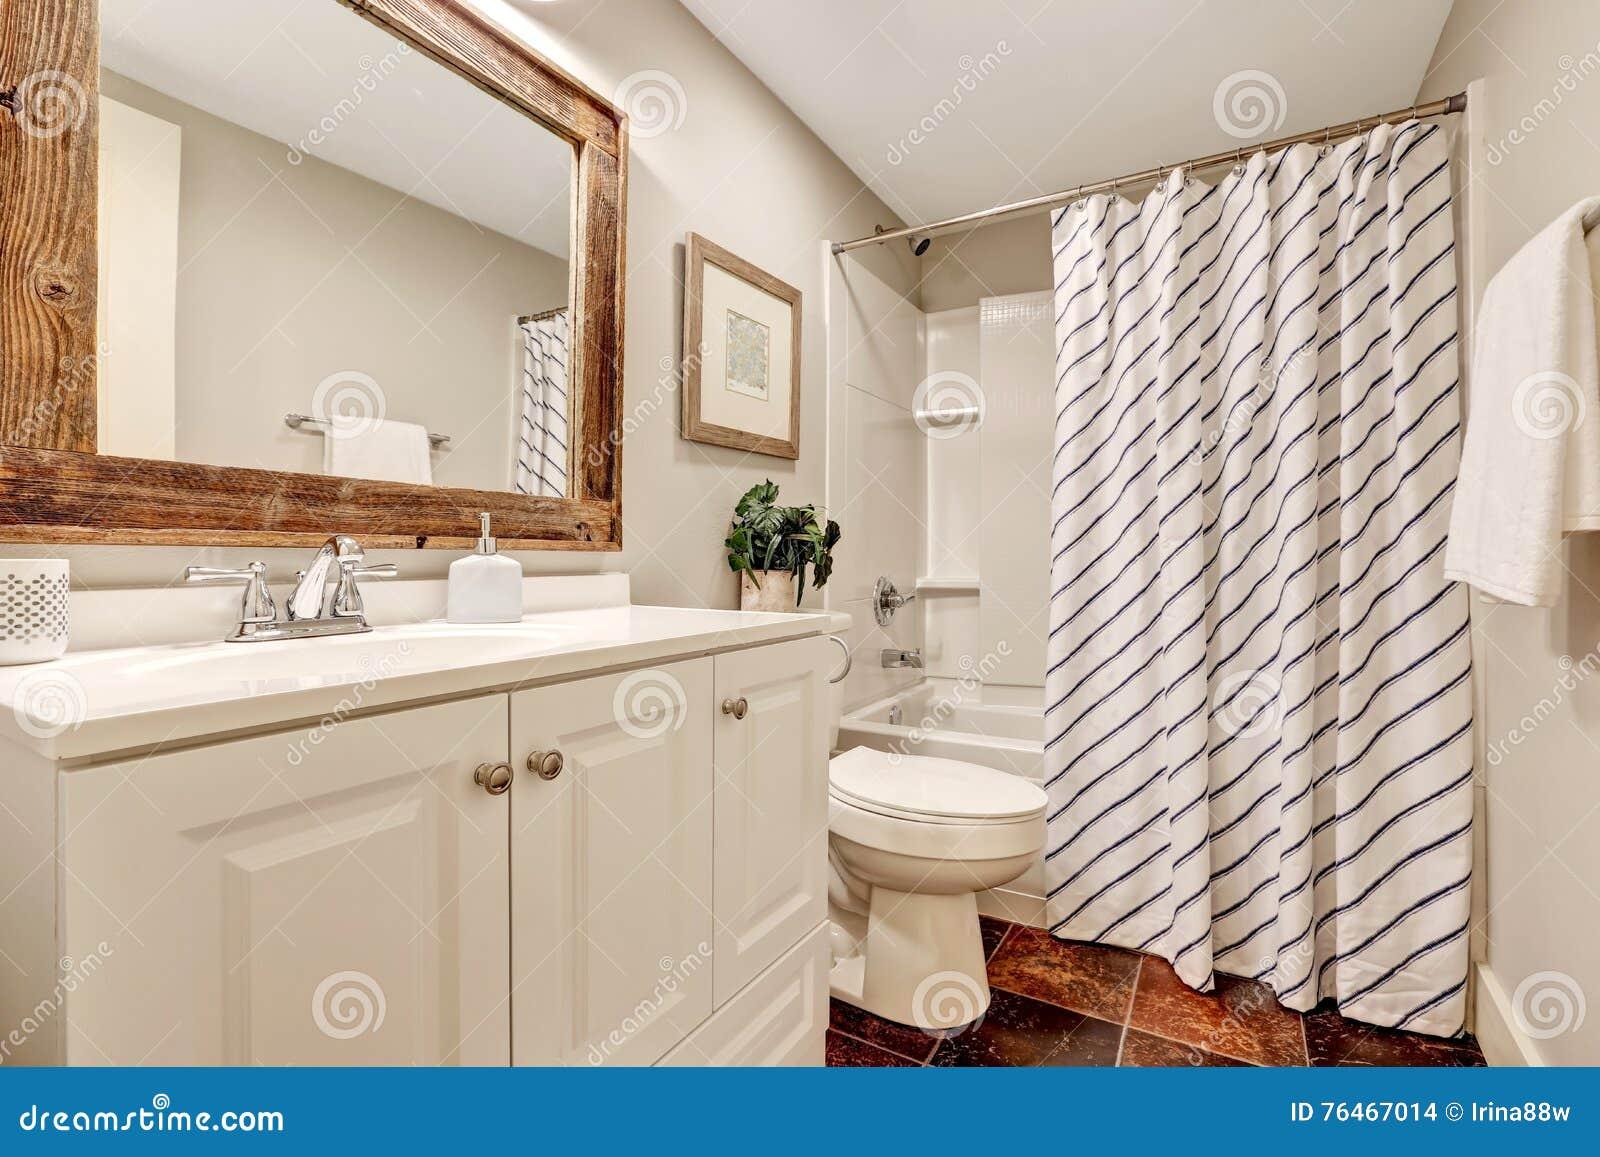 Bagno Bianco Con Il Gabinetto Di Vanita E Lo Specchio Incorniciato